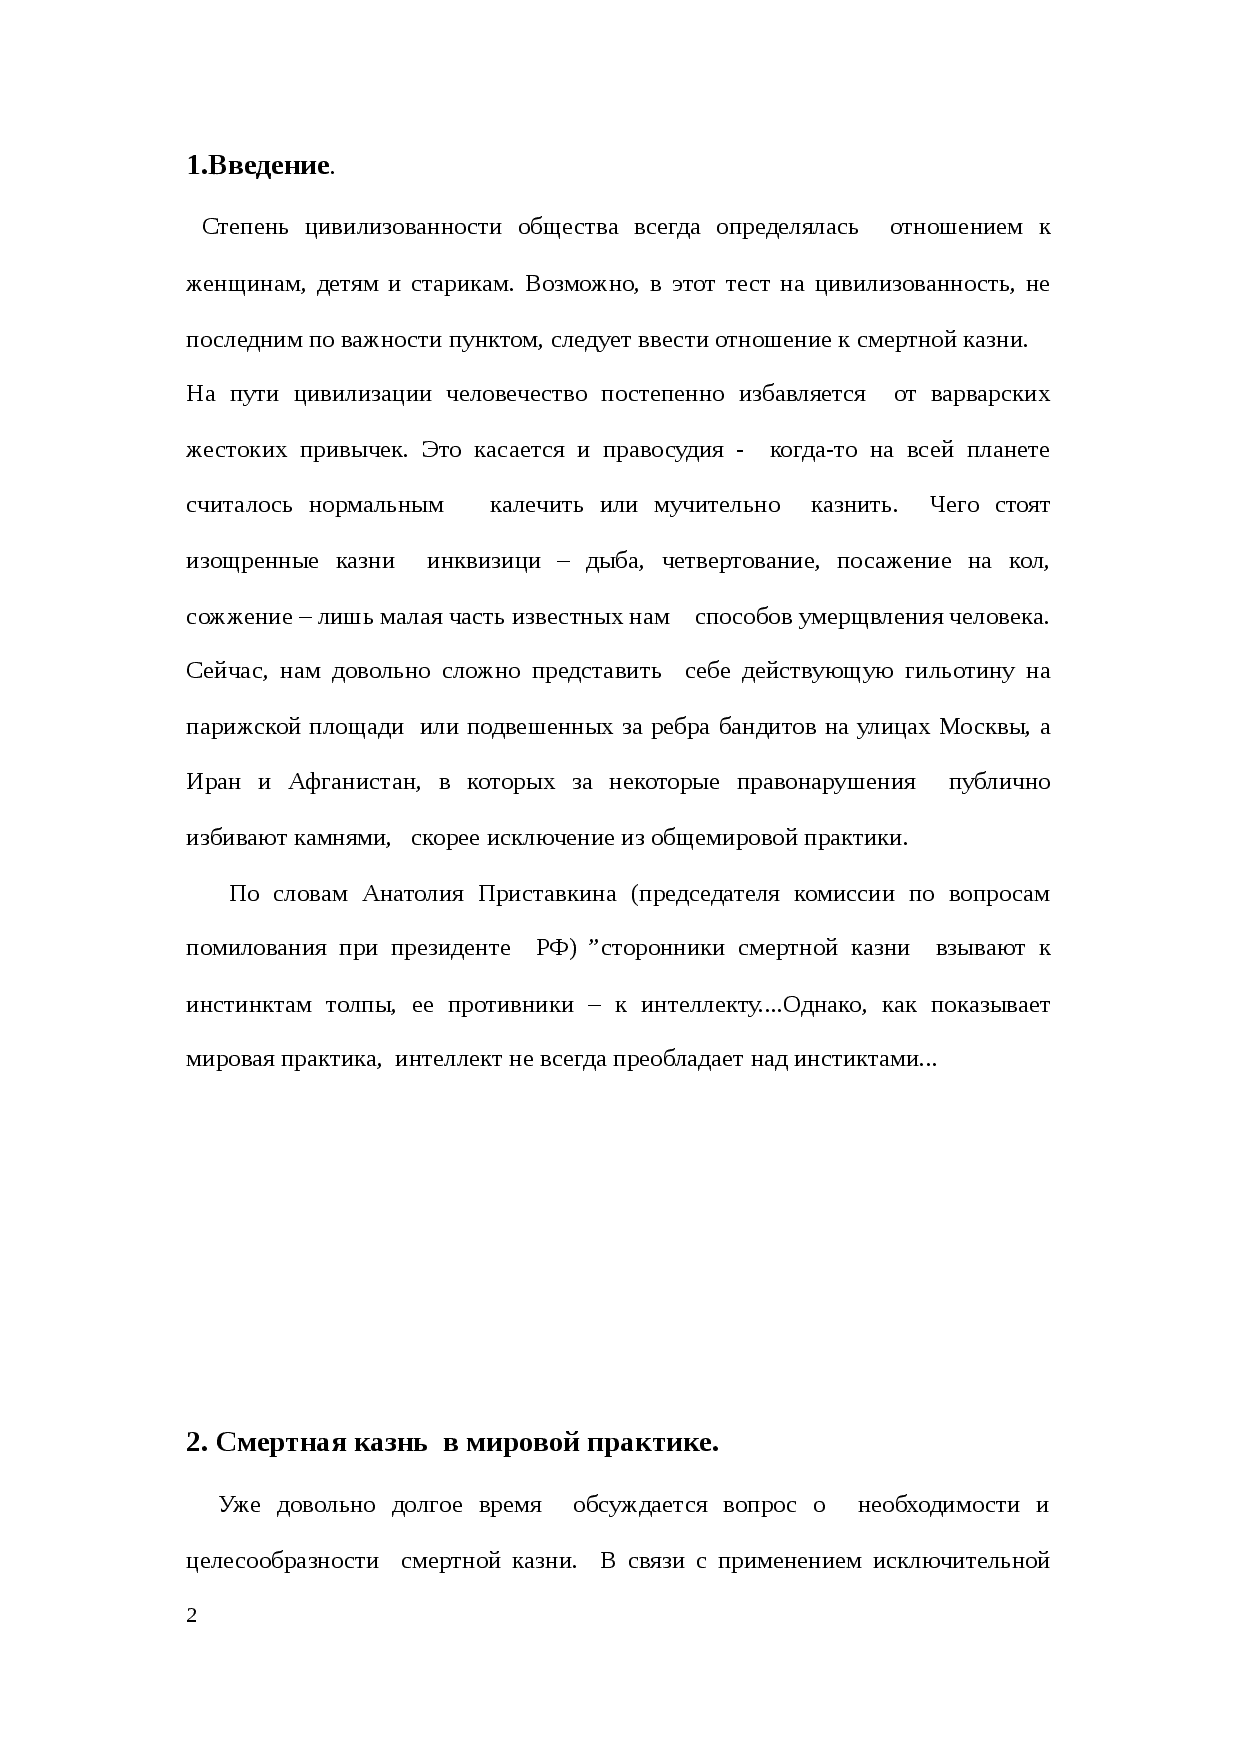 отношение к смертной казни